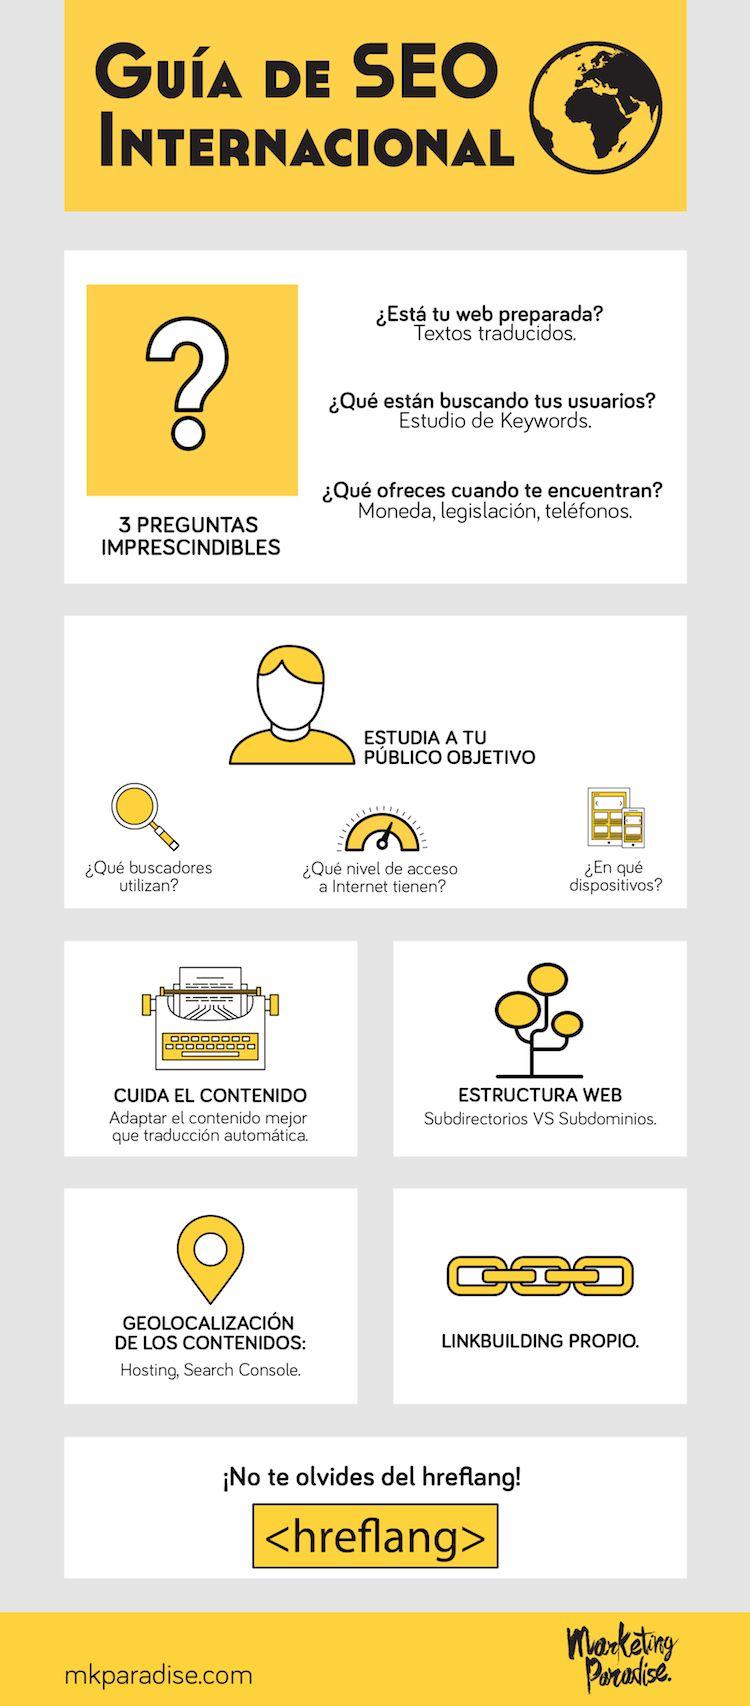 Guía de SEO Internacional